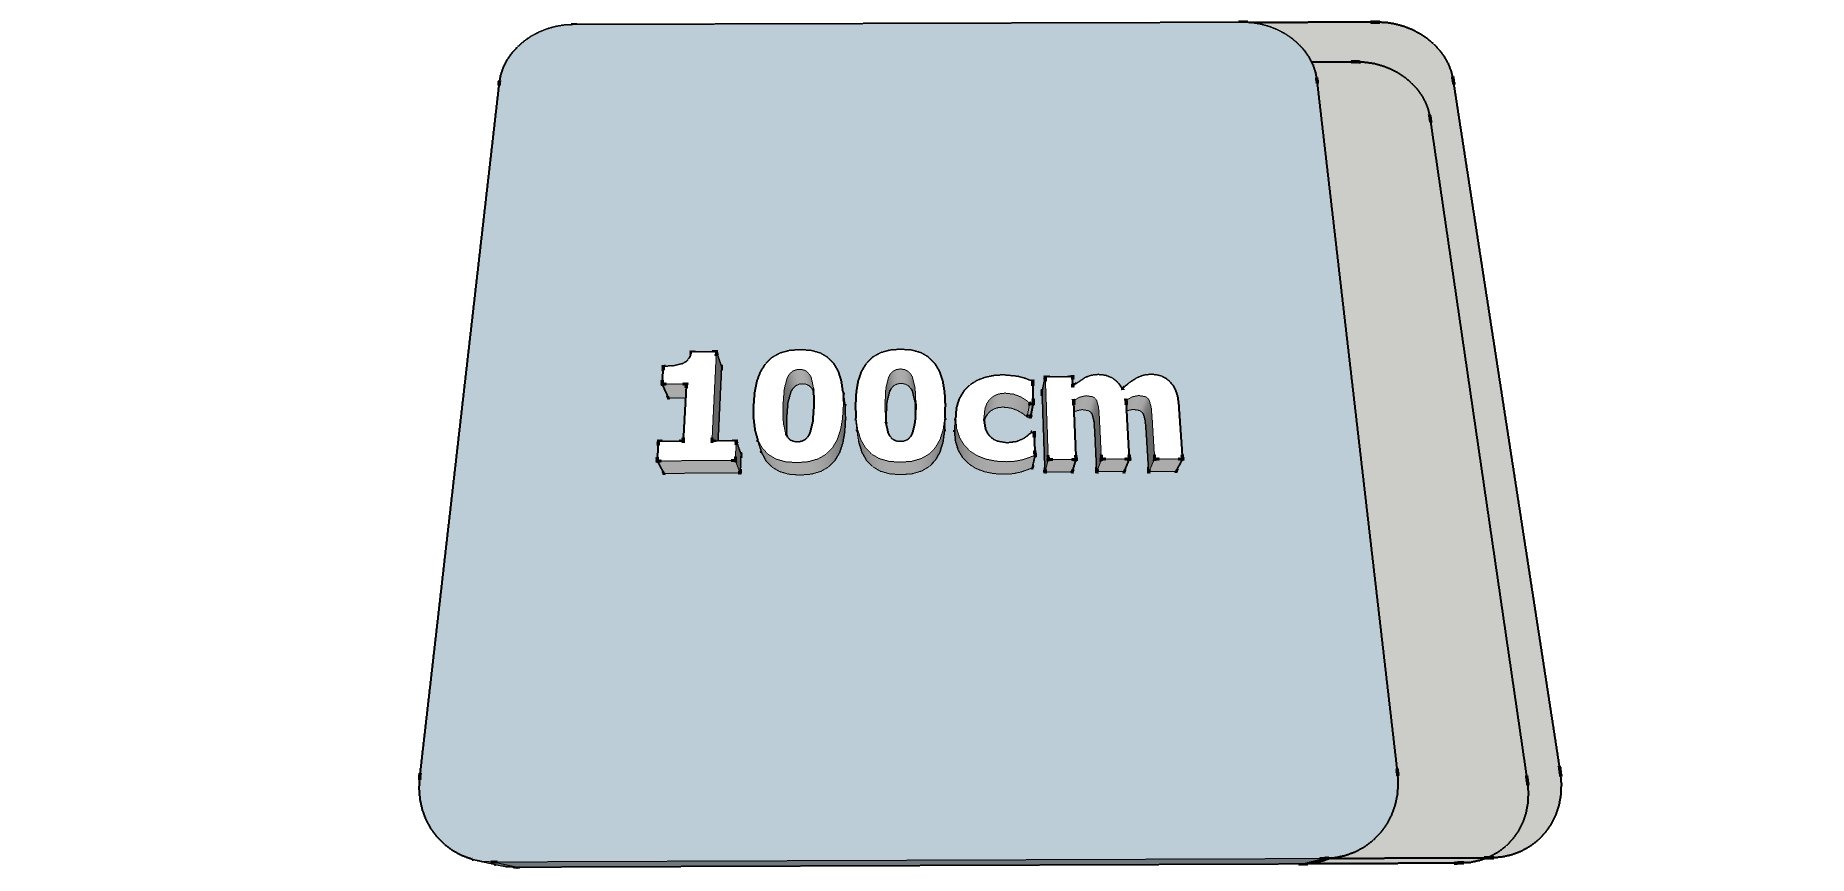 Afwijkende breedte (100cm)